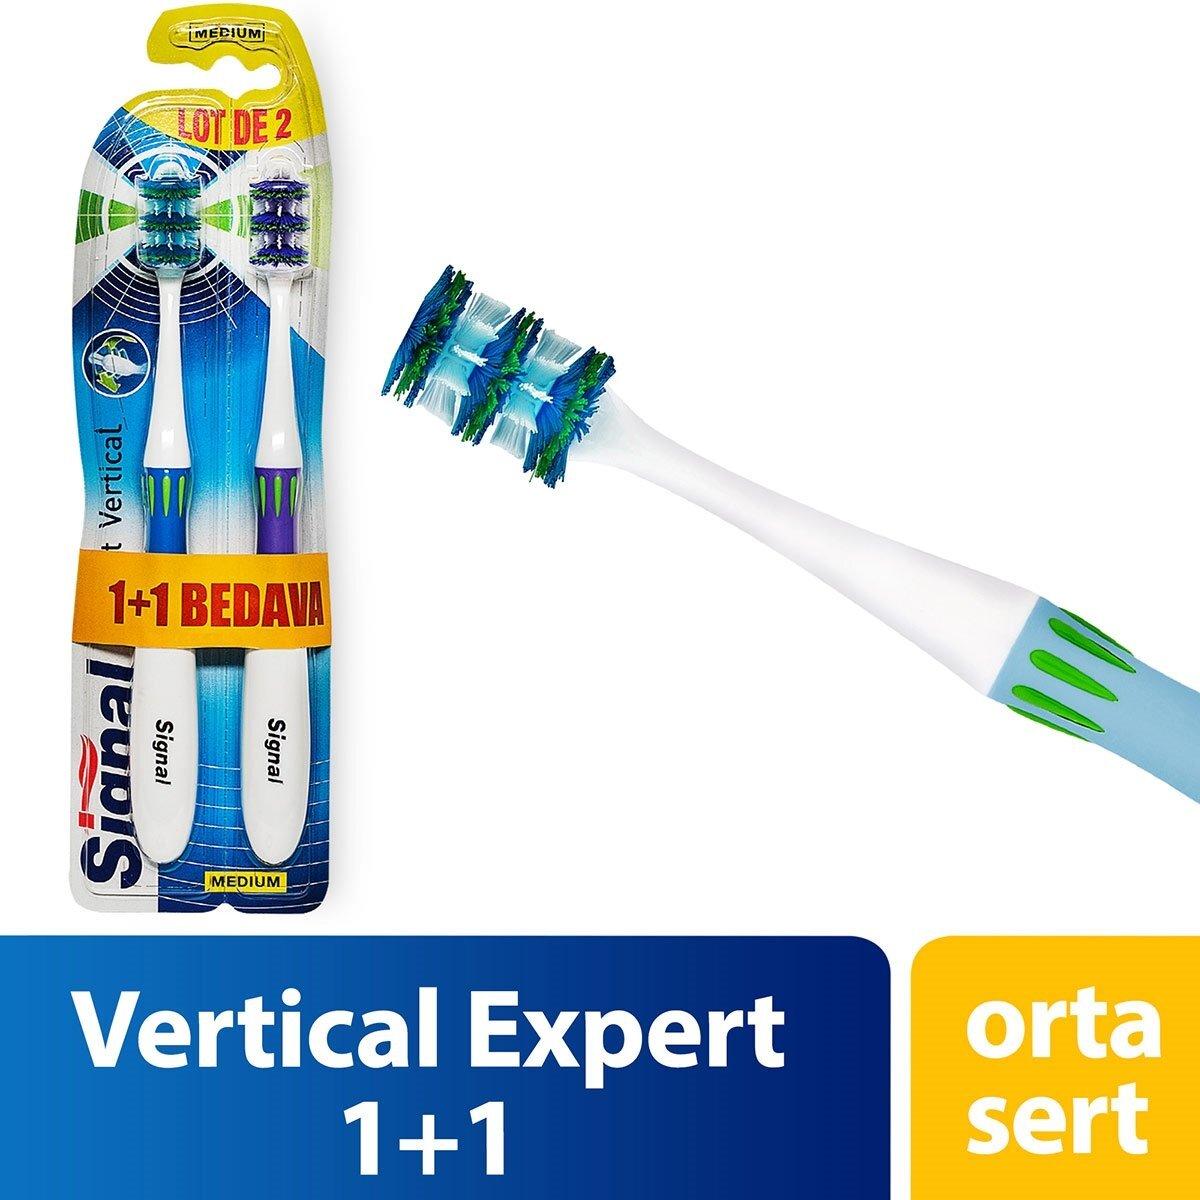 Vertical Expert Diş Fırçası 1+1